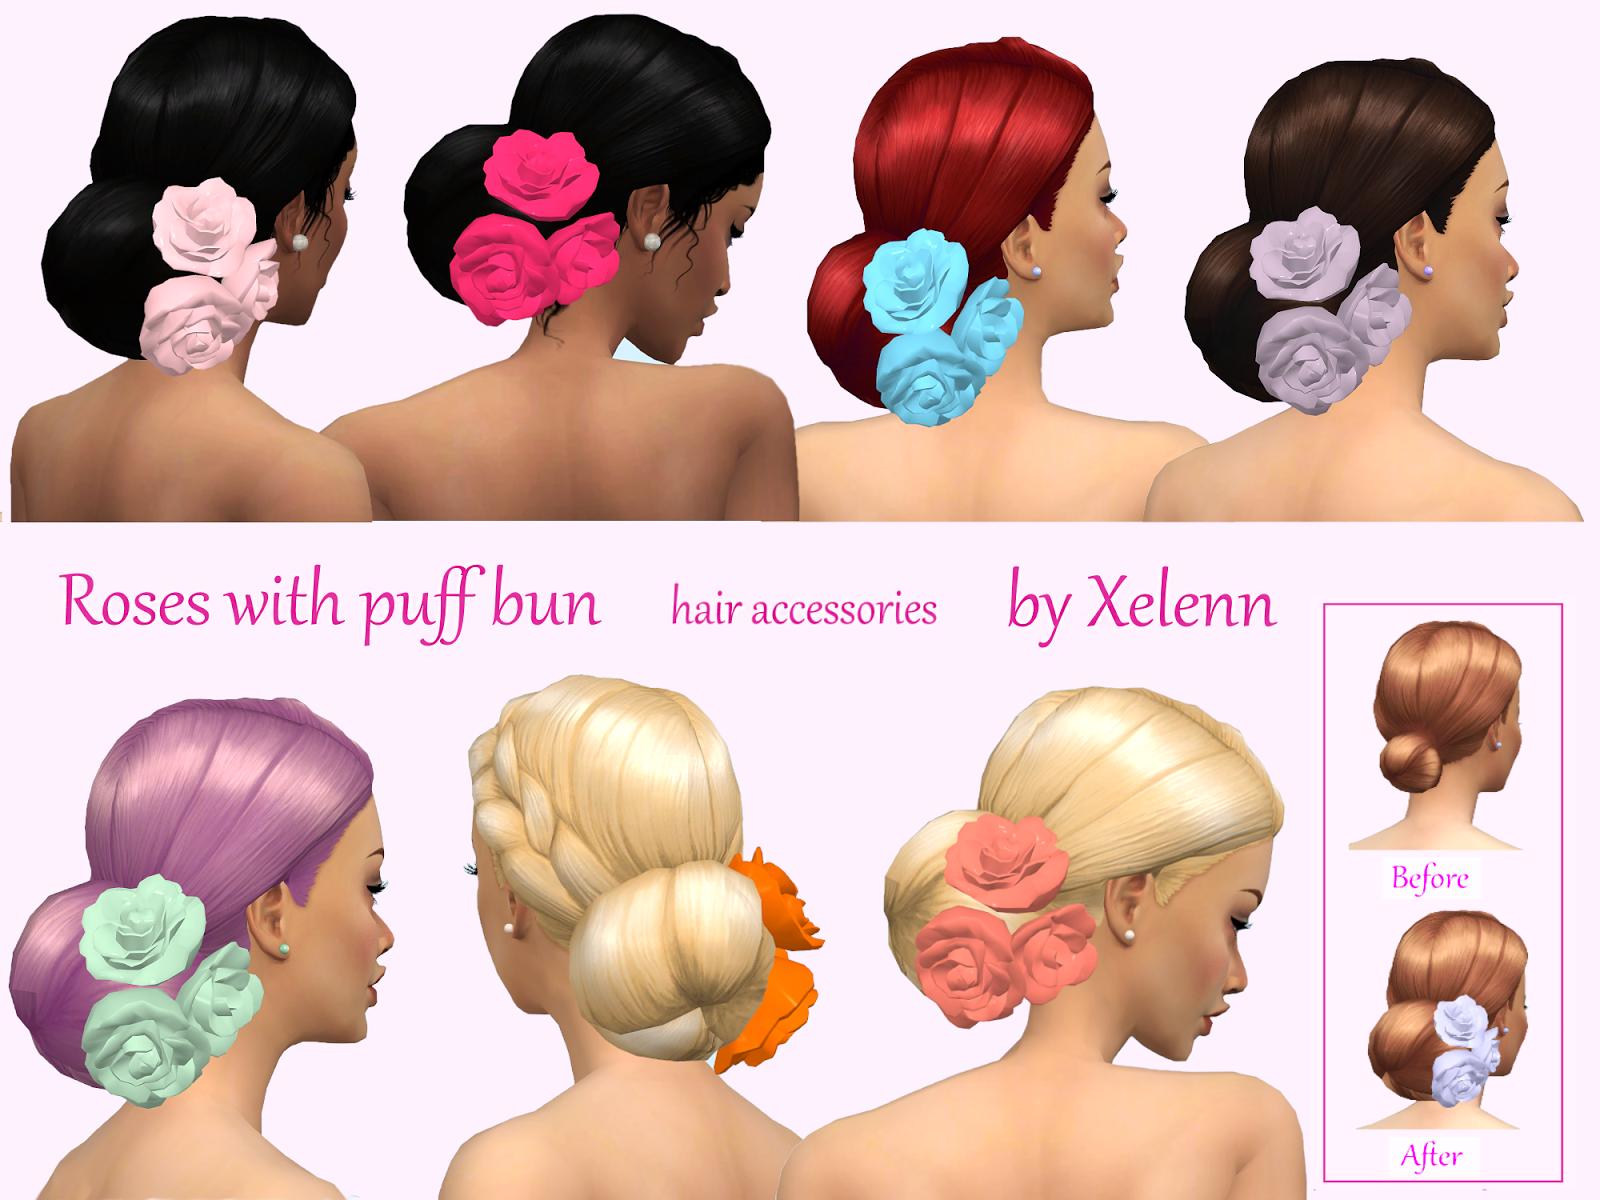 The sims 4 hair accessories - Roses Hair Accessories By Xelenn